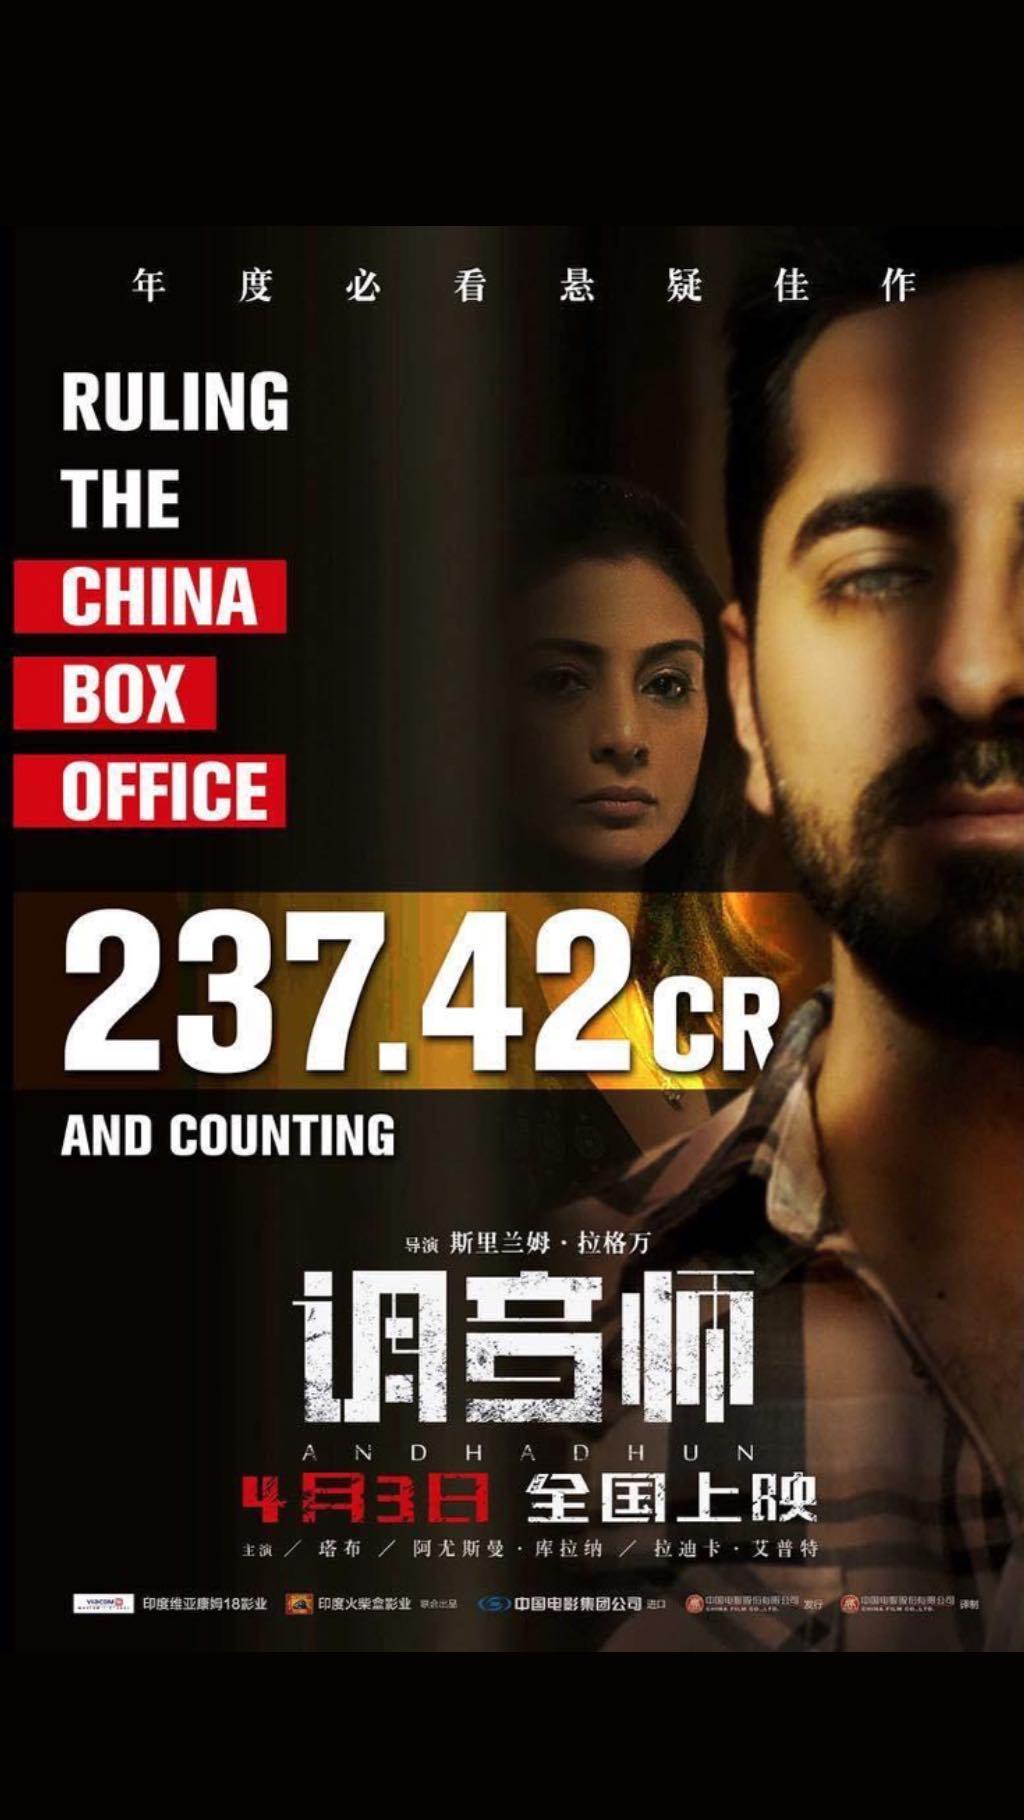 Andhadhun China Box Office Ayushmann Khurrana Radhika Apte Tabu